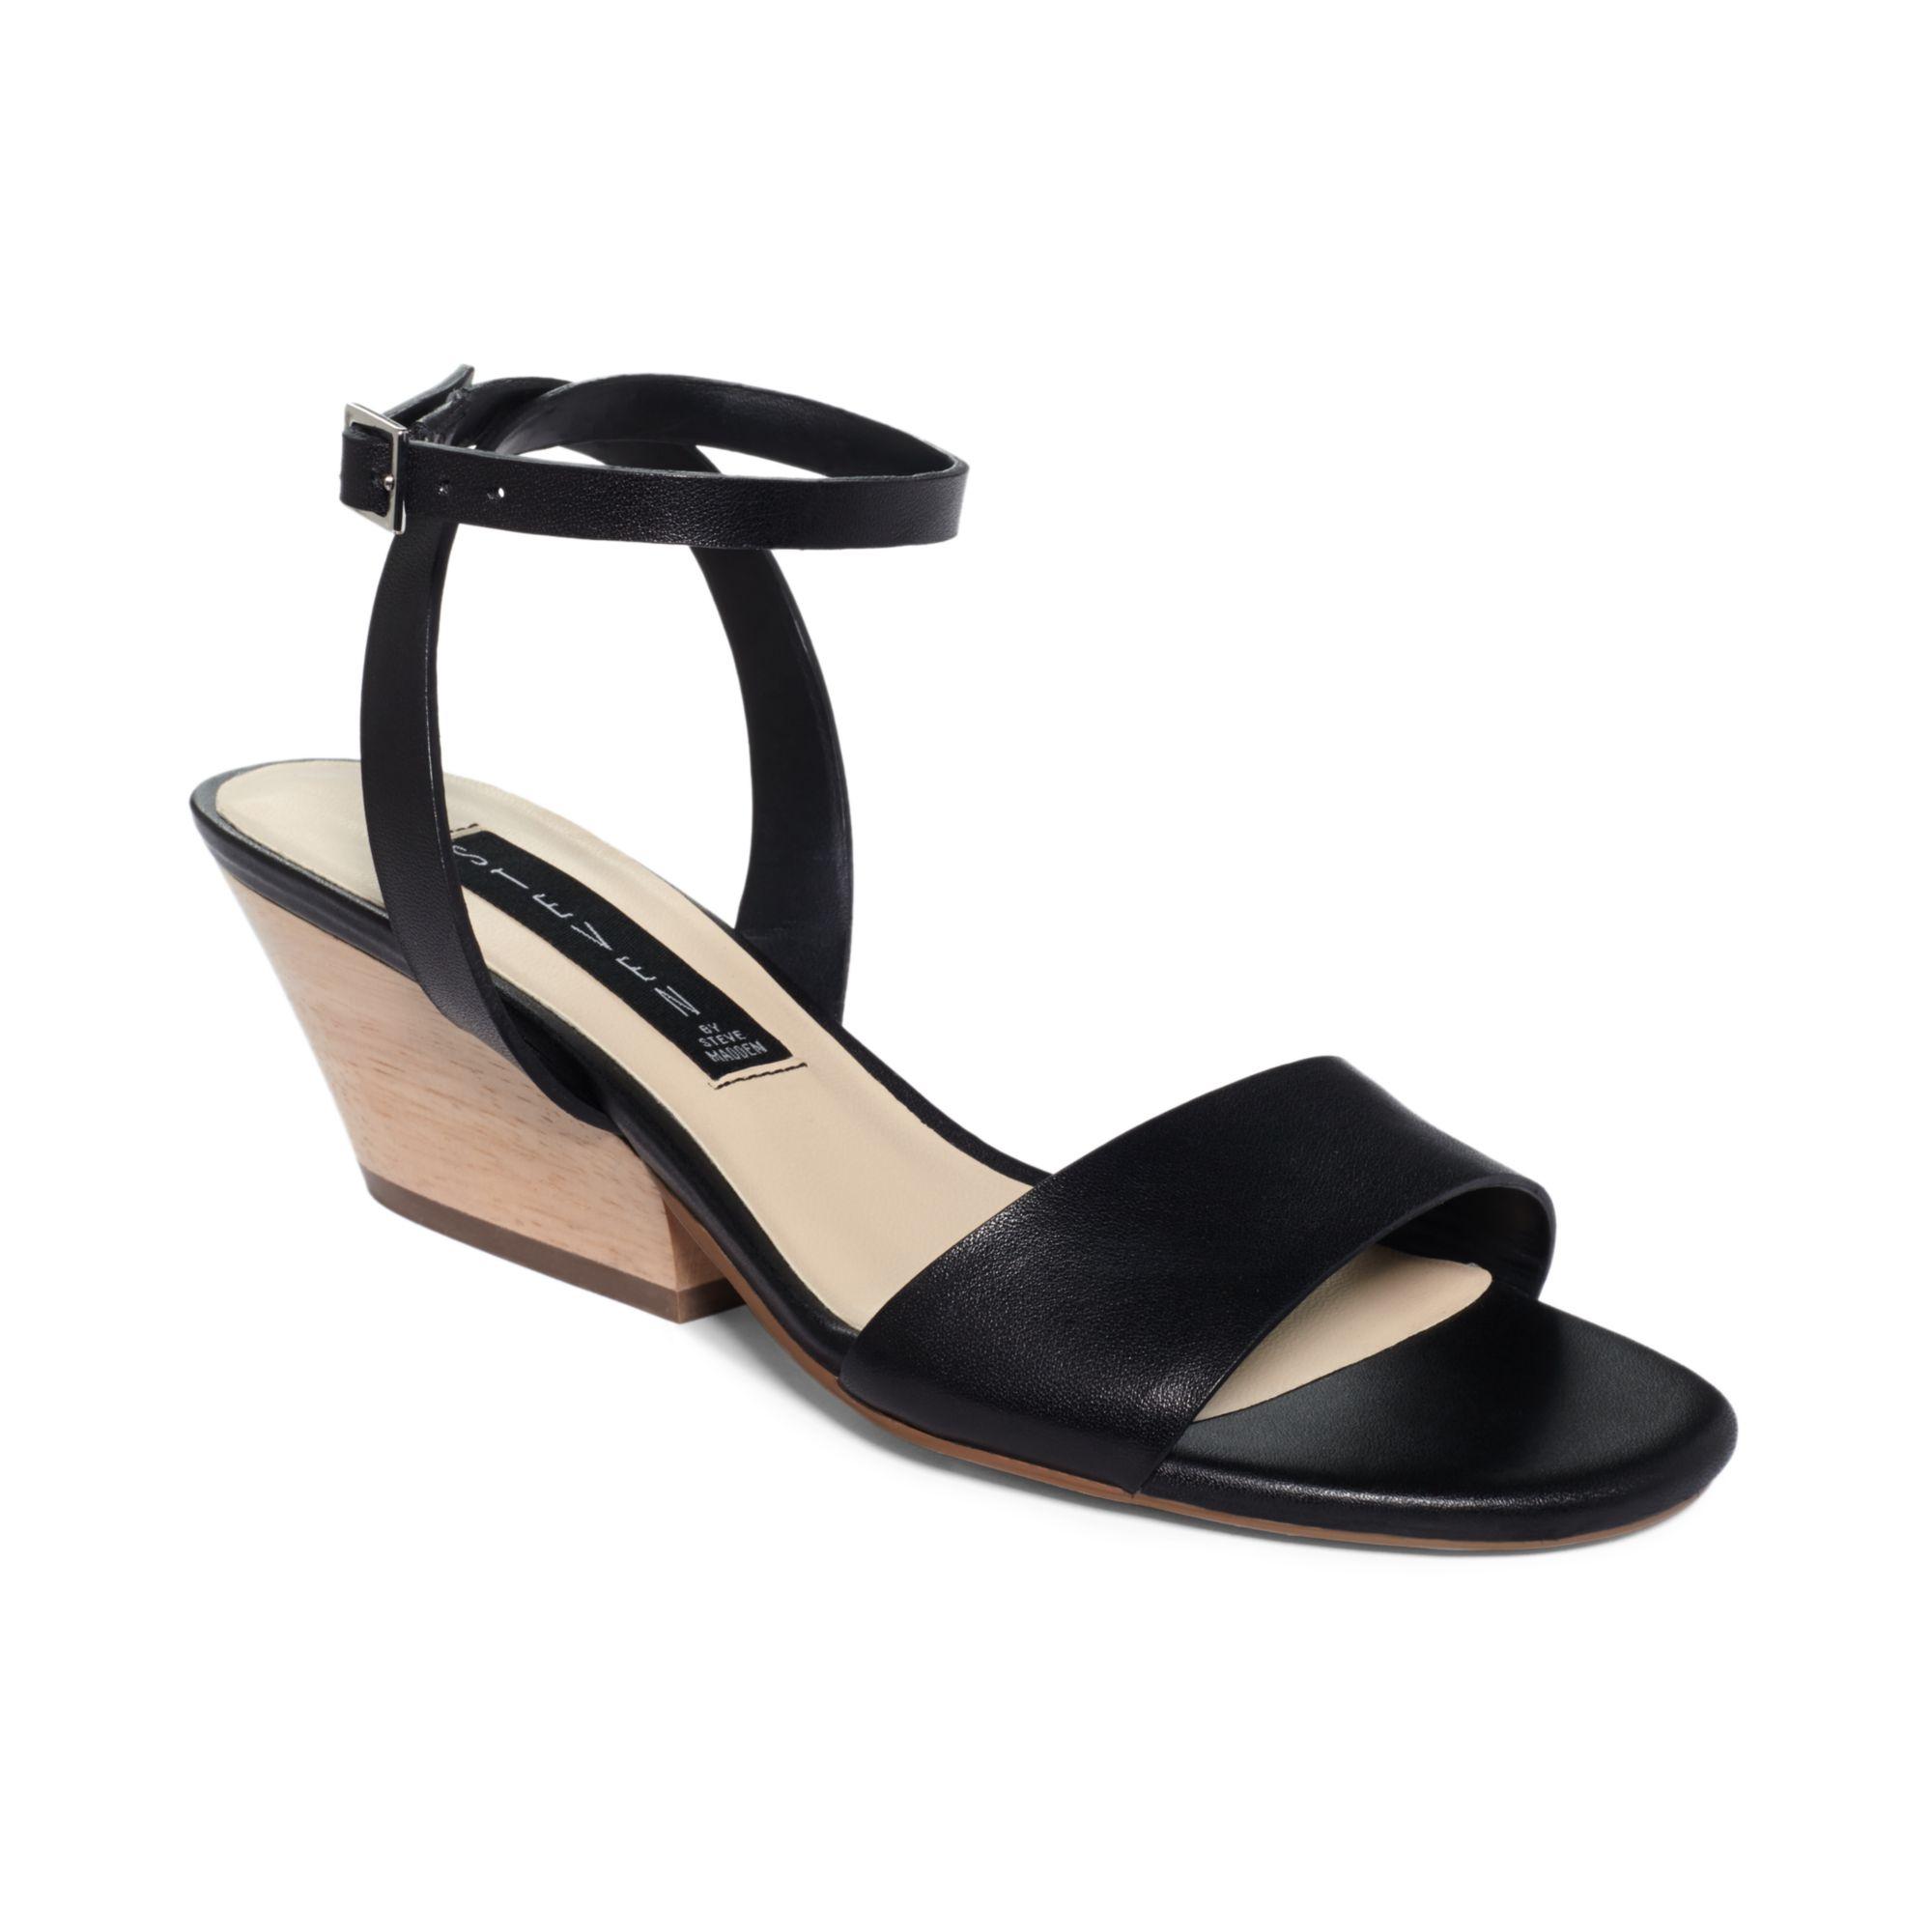 steven by steve madden ankle strap caleyy sandals in black lyst. Black Bedroom Furniture Sets. Home Design Ideas